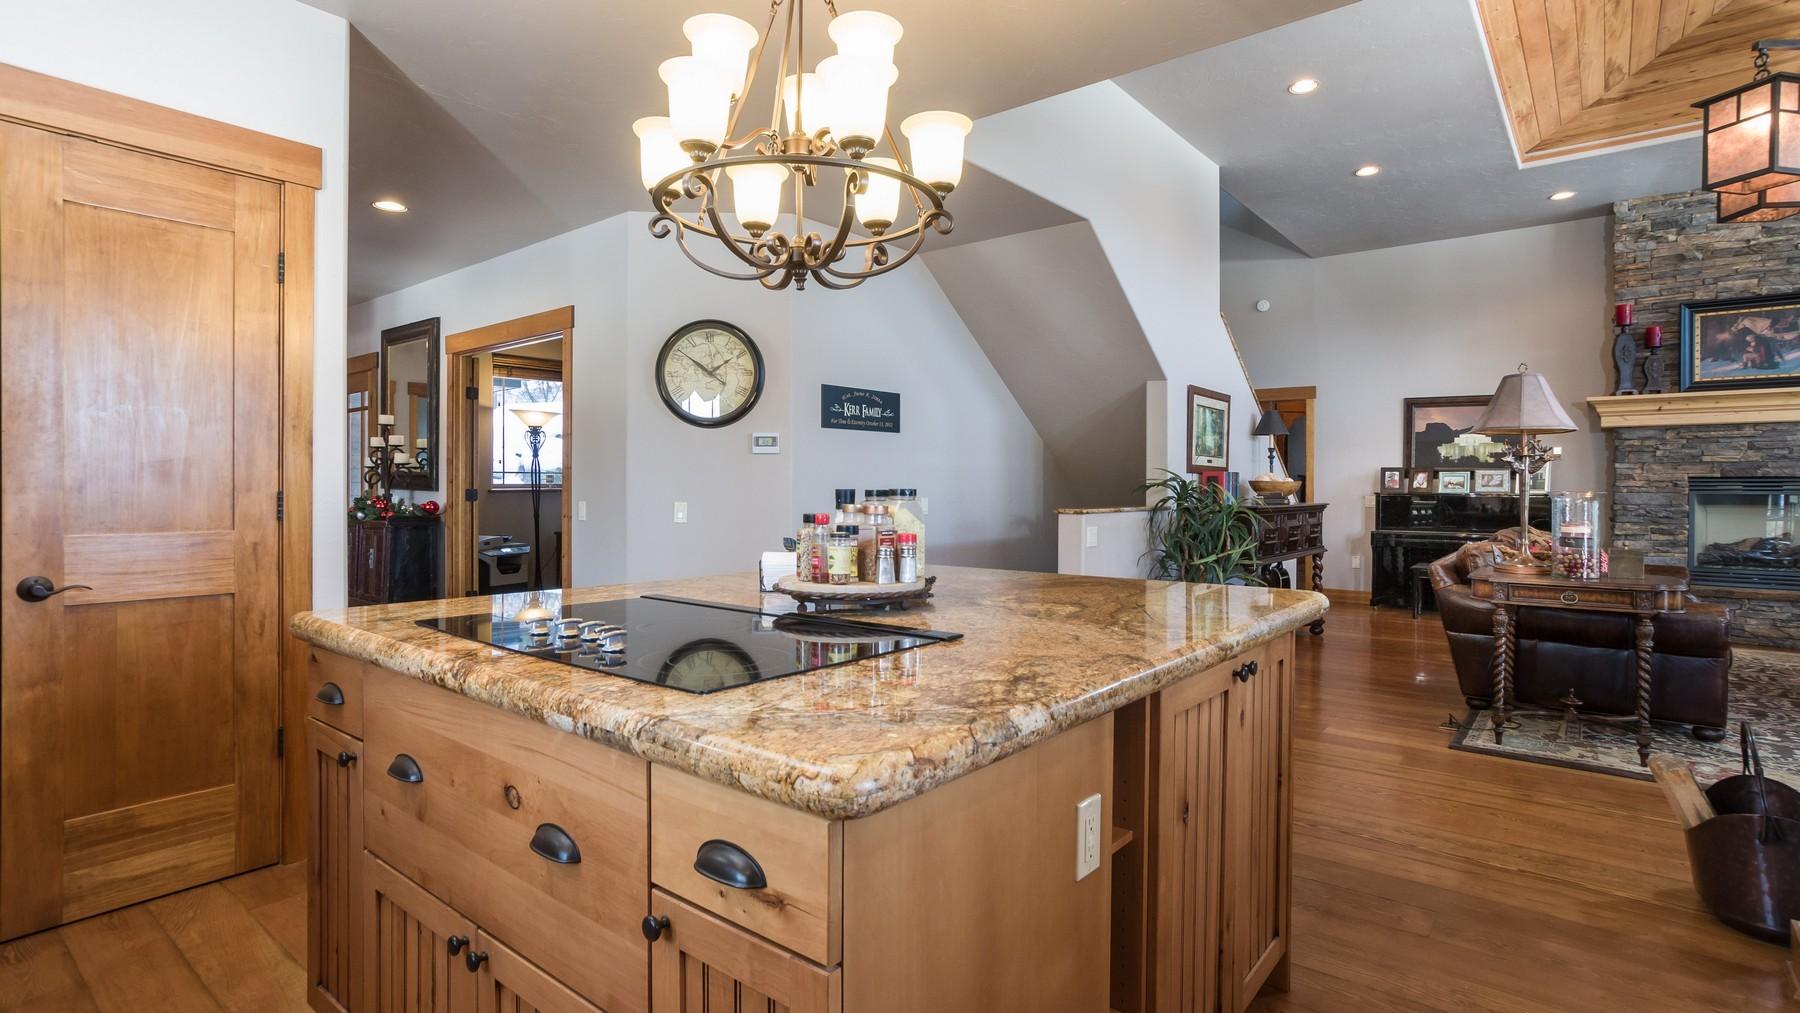 Single Family Home for Sale at 1301 Holt Dr , Bigfork, MT 59911 1301 Holt Dr Bigfork, Montana 59911 United States